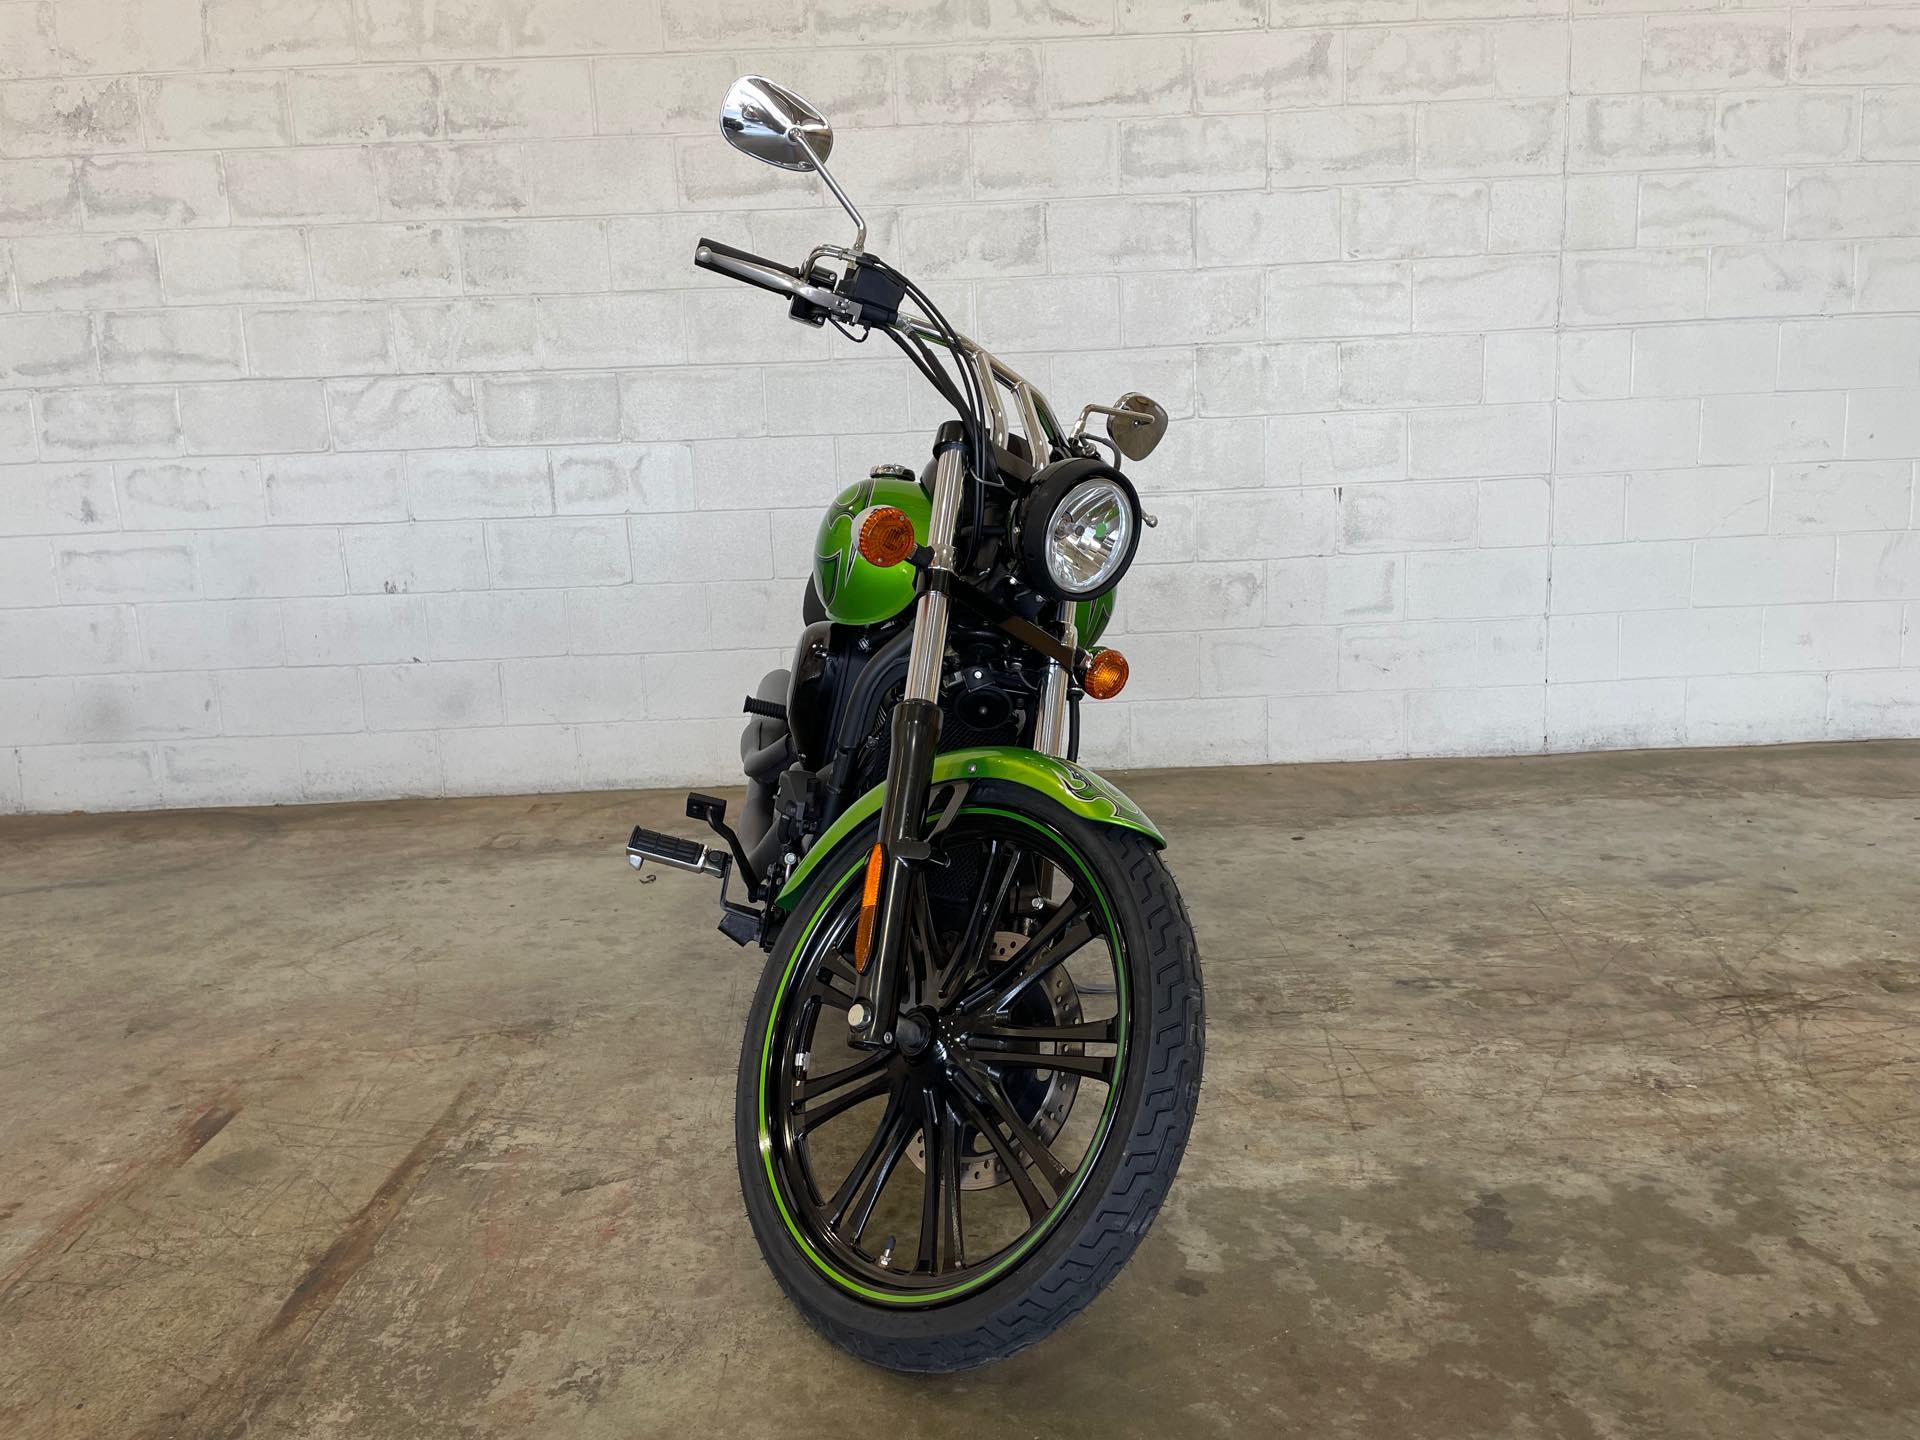 2014 Kawasaki Vulcan 900 Custom at Twisted Cycles